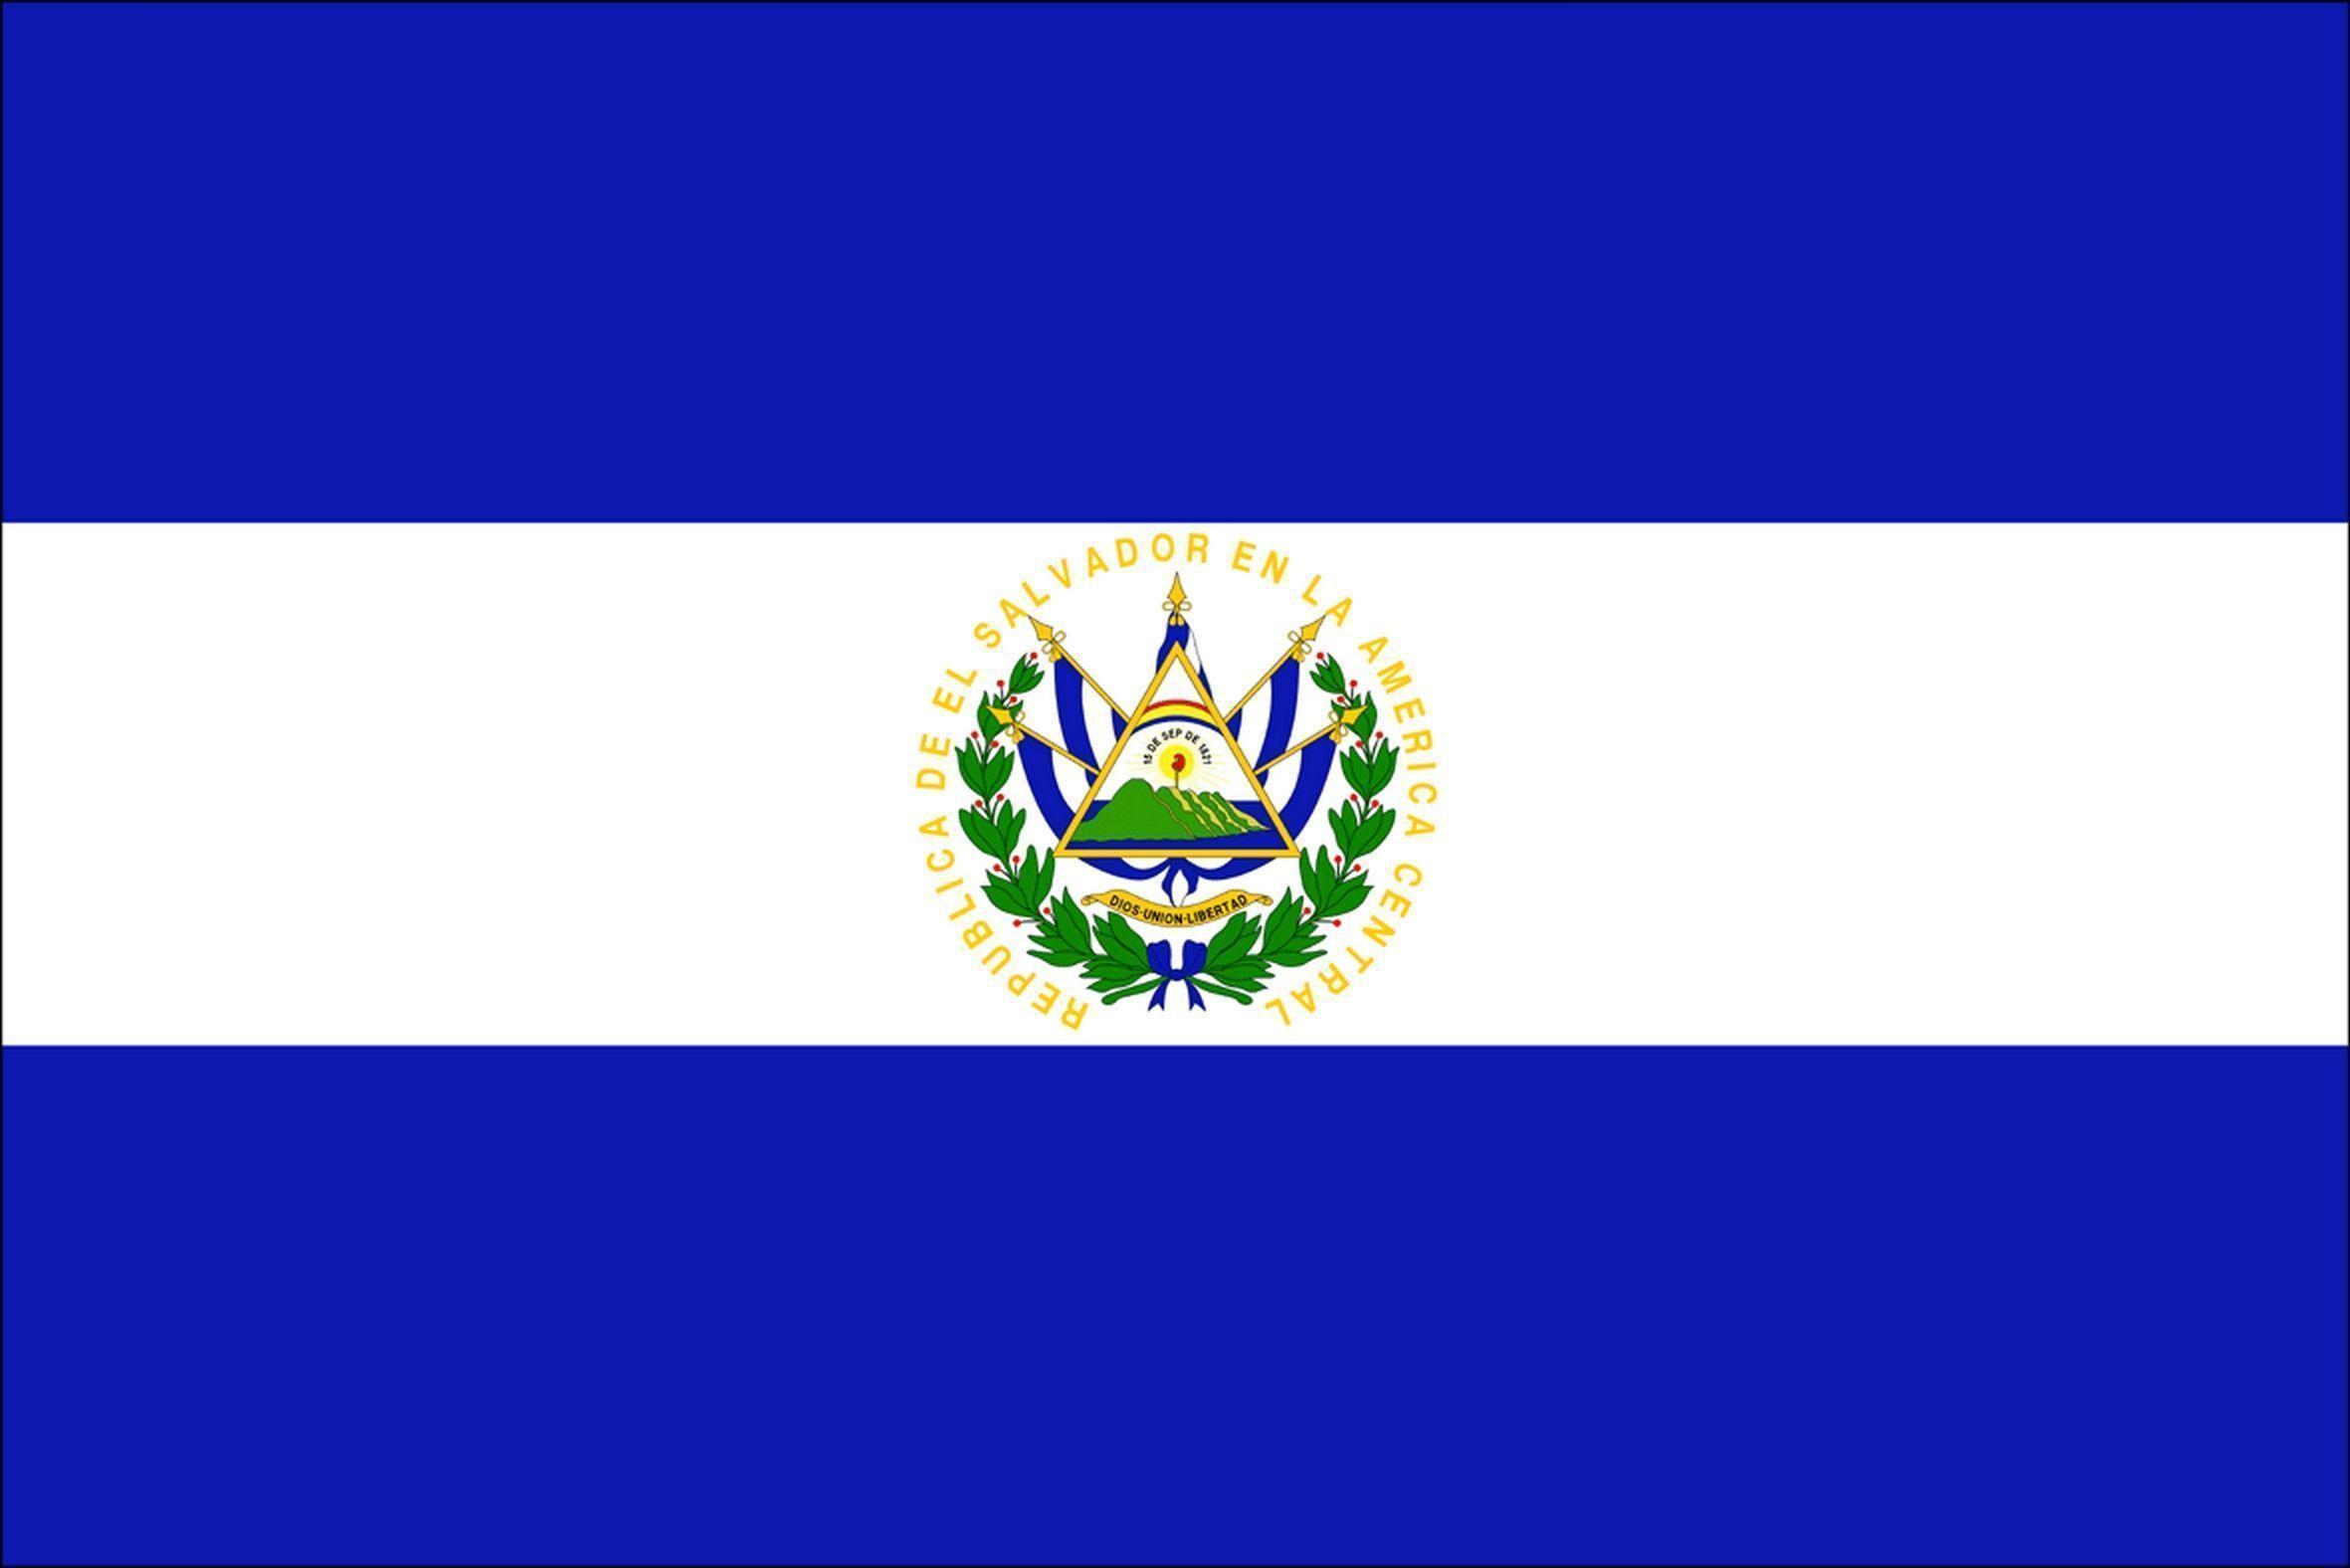 El Salvador Flag Wallpapers  Wallpaper Cave